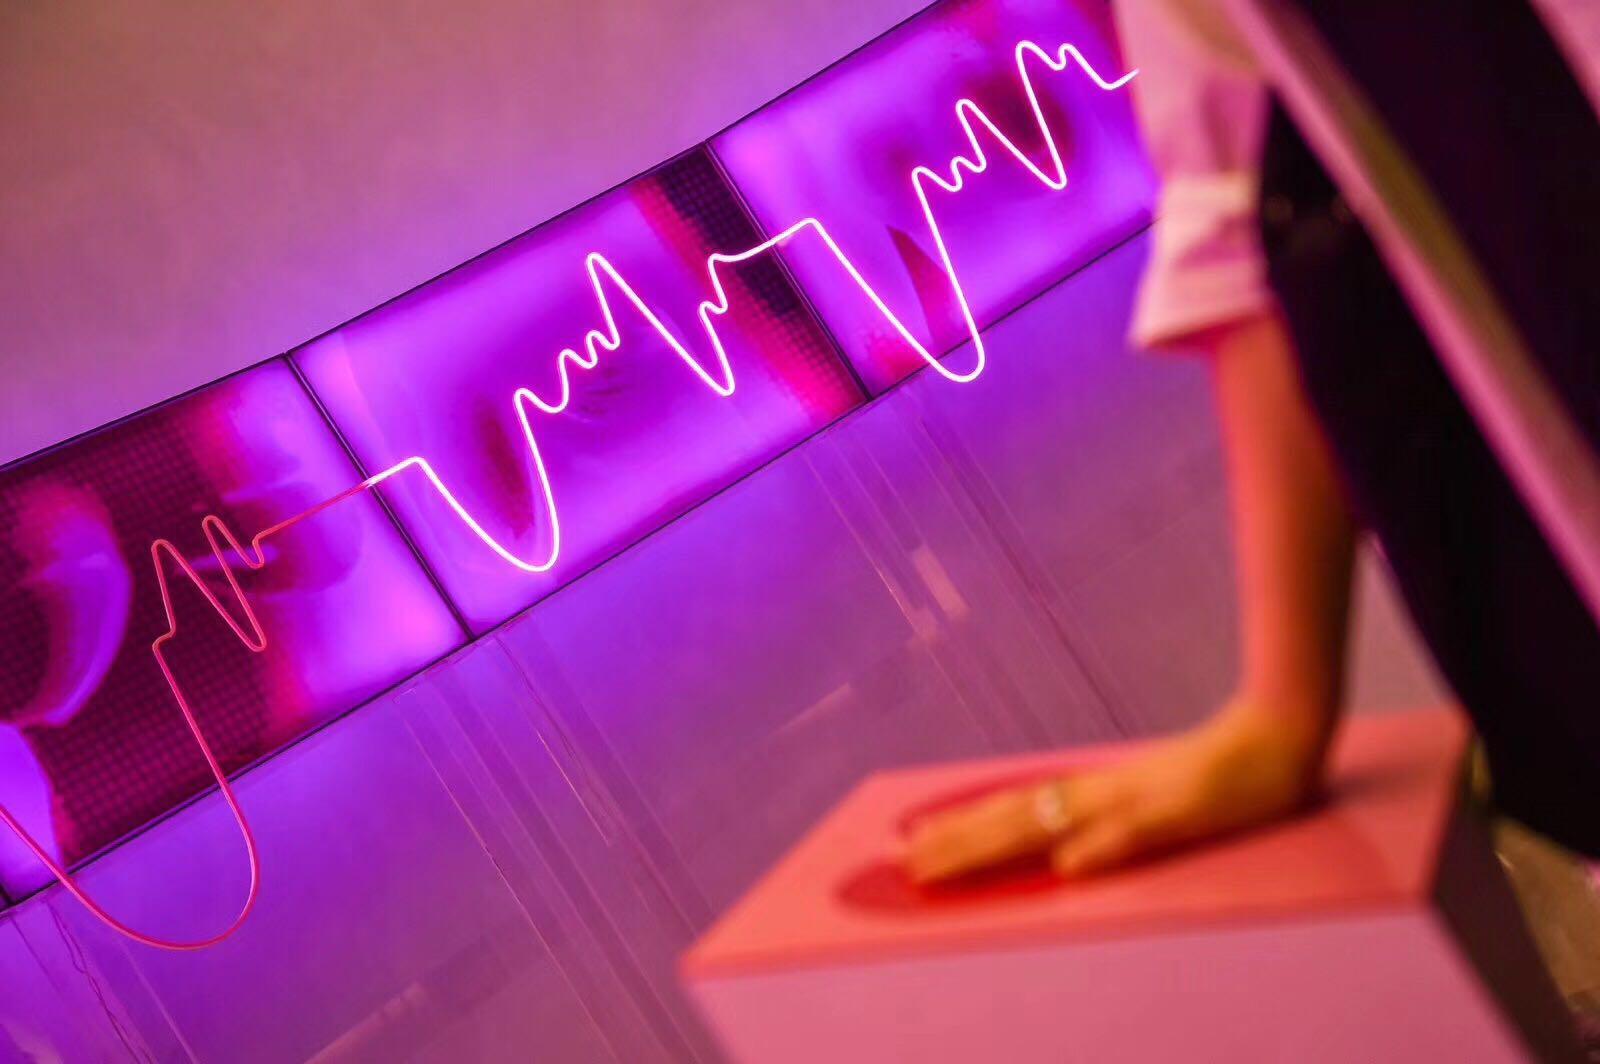 英国开发便携式3D医疗X射线设备 提高诊断效率